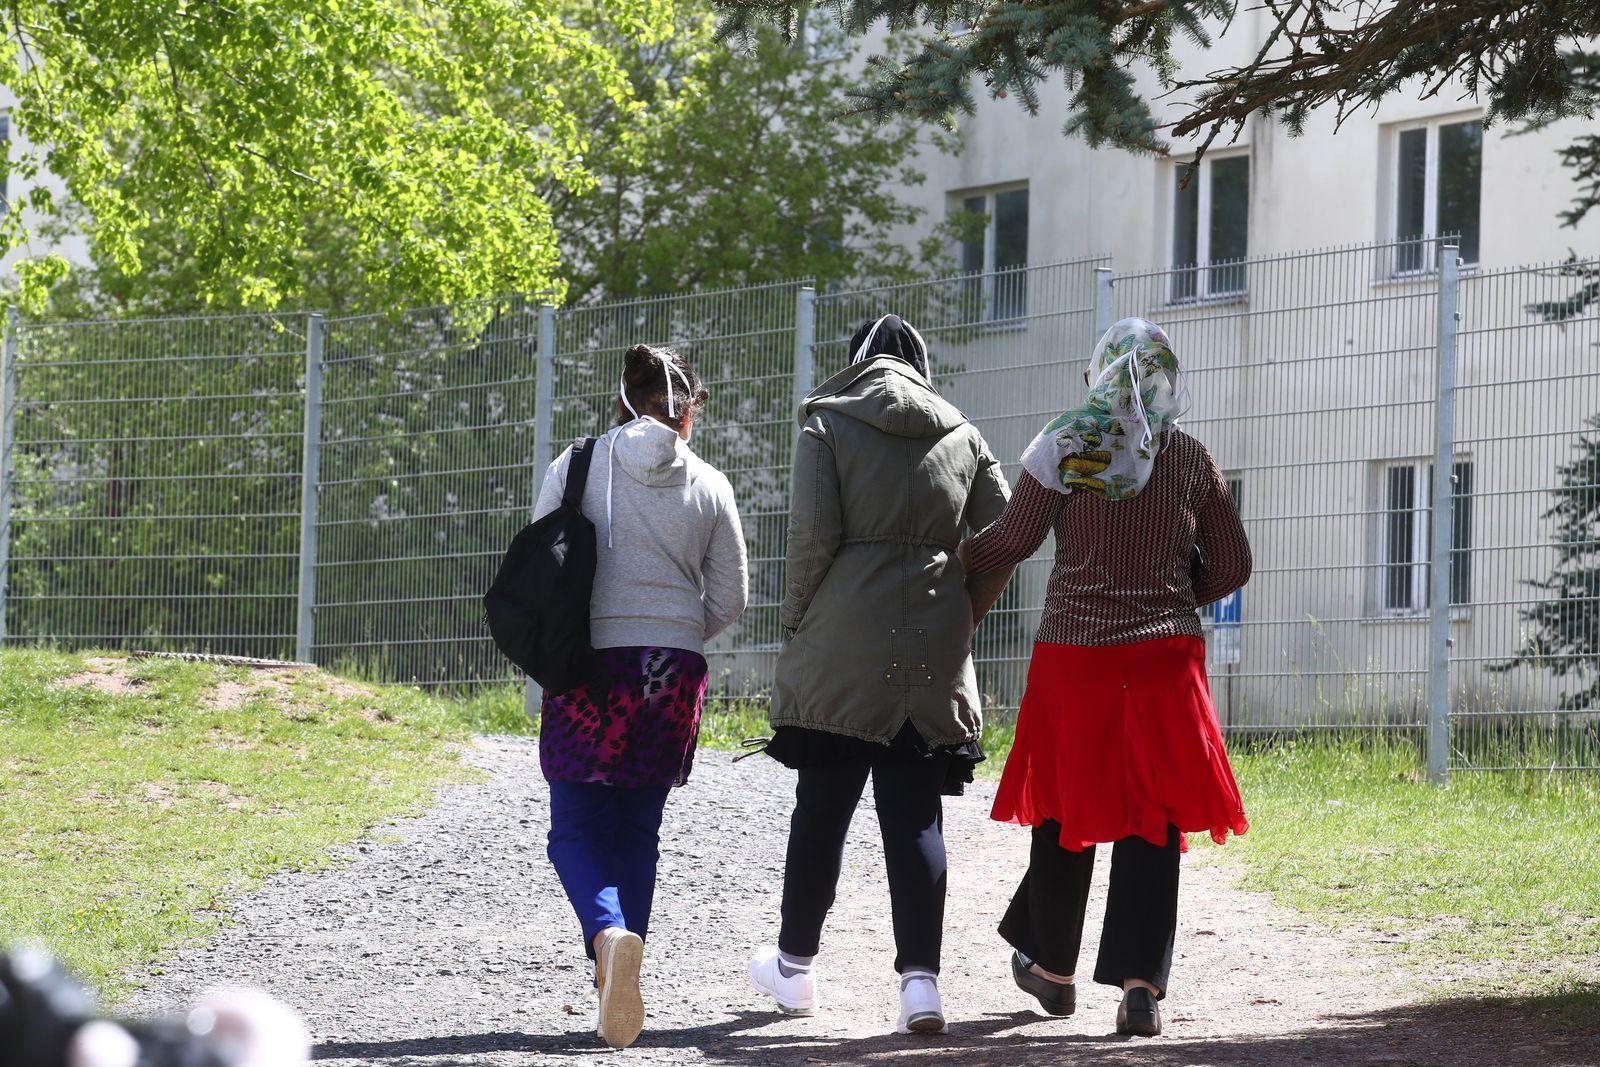 Bundeswehr hilft bei Umbau in Flüchtlingsheim Suhl